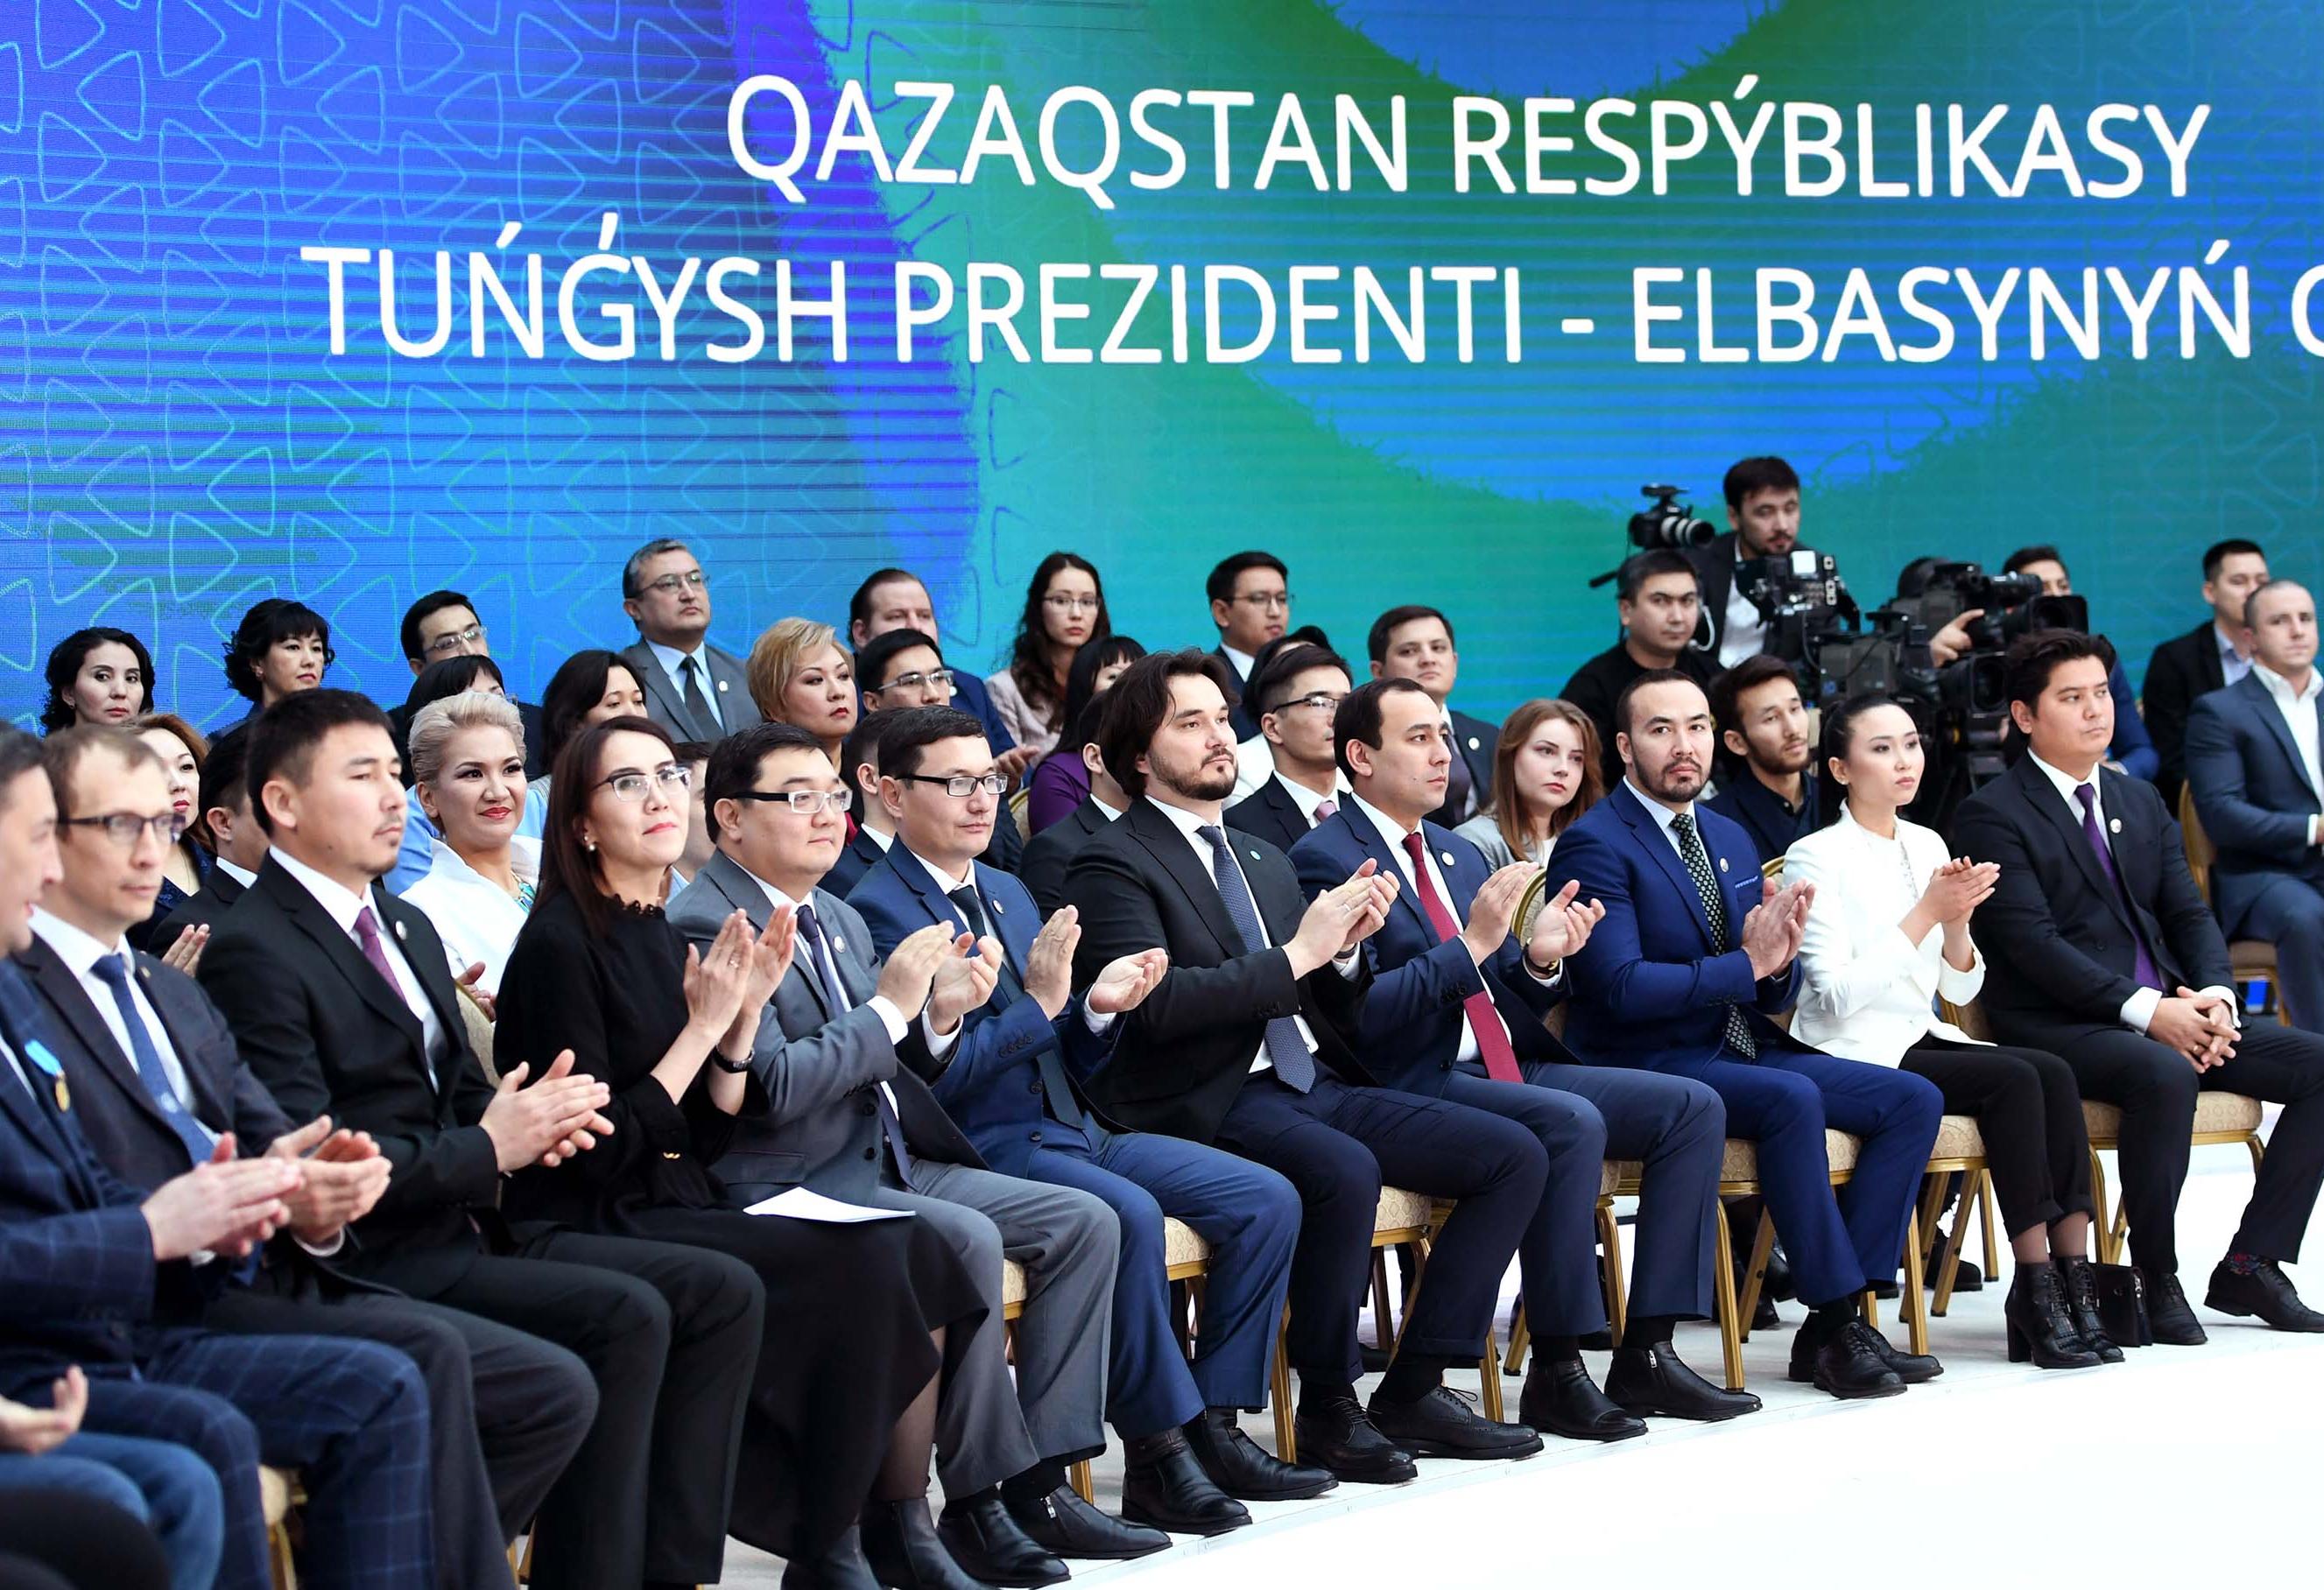 Elbasy Tuńǵysh Prezıdent Qory Syılyǵynyń laýreattary jáne Qazaqstannyń talantty jastarymen kezdestі